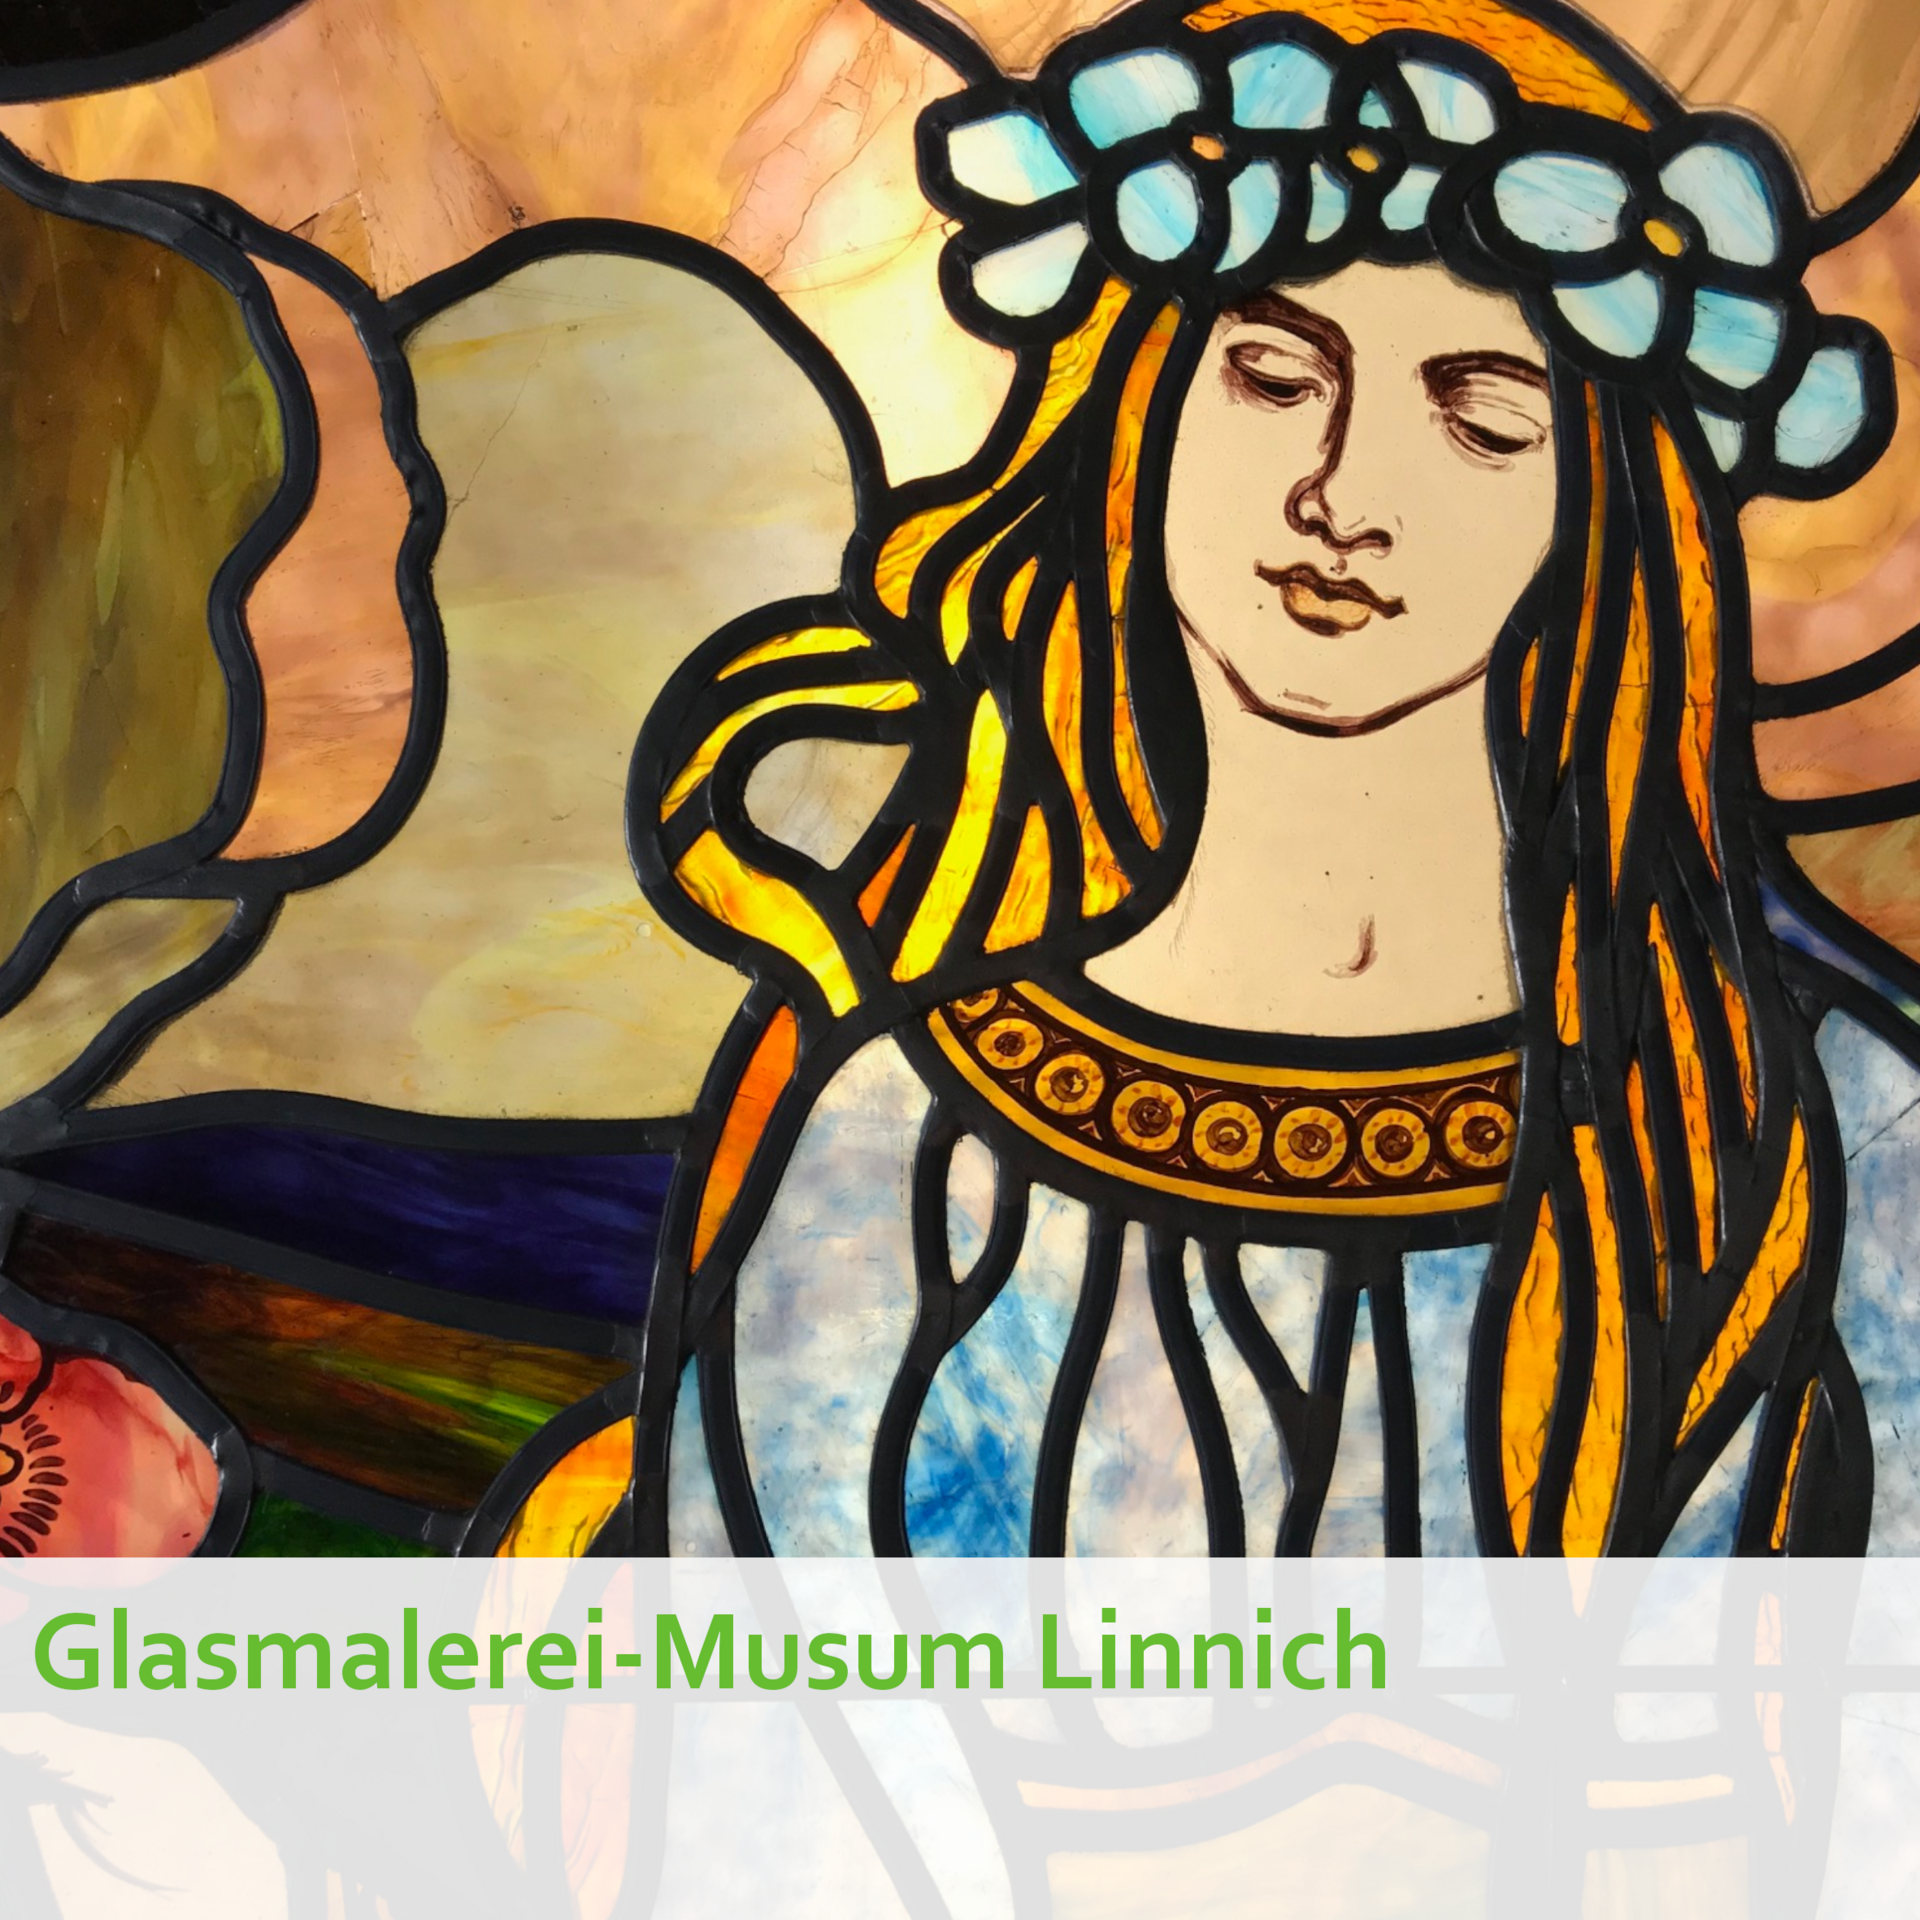 Deutsches Glasmalerei-Museum Linnich